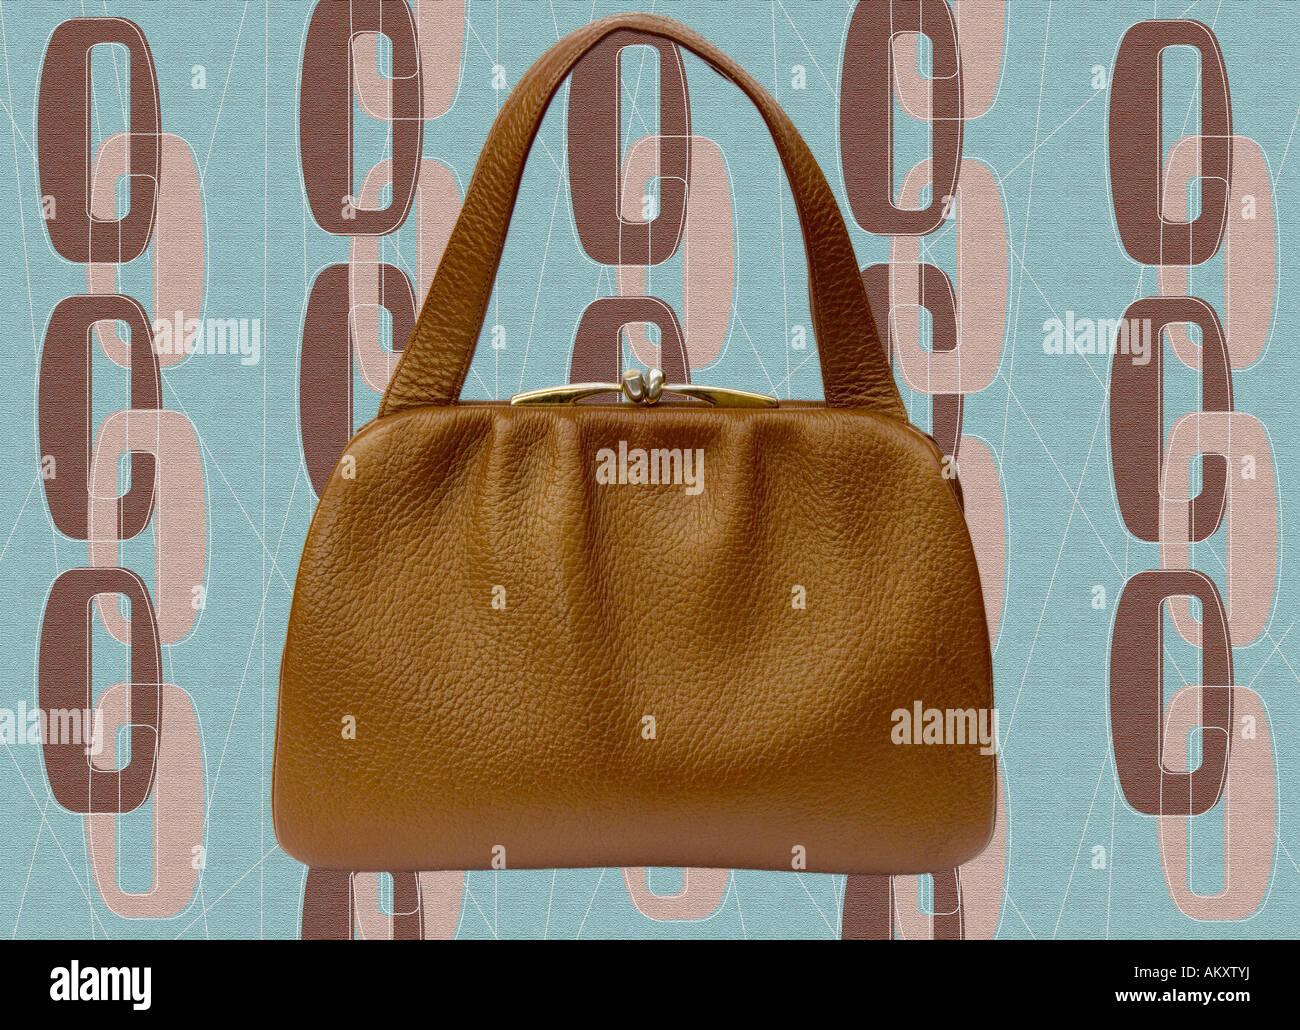 d85f26ccf84b4 1940er Jahre Vintage Handtasche erschossen Hintergrund Stil Tapete Stockbild